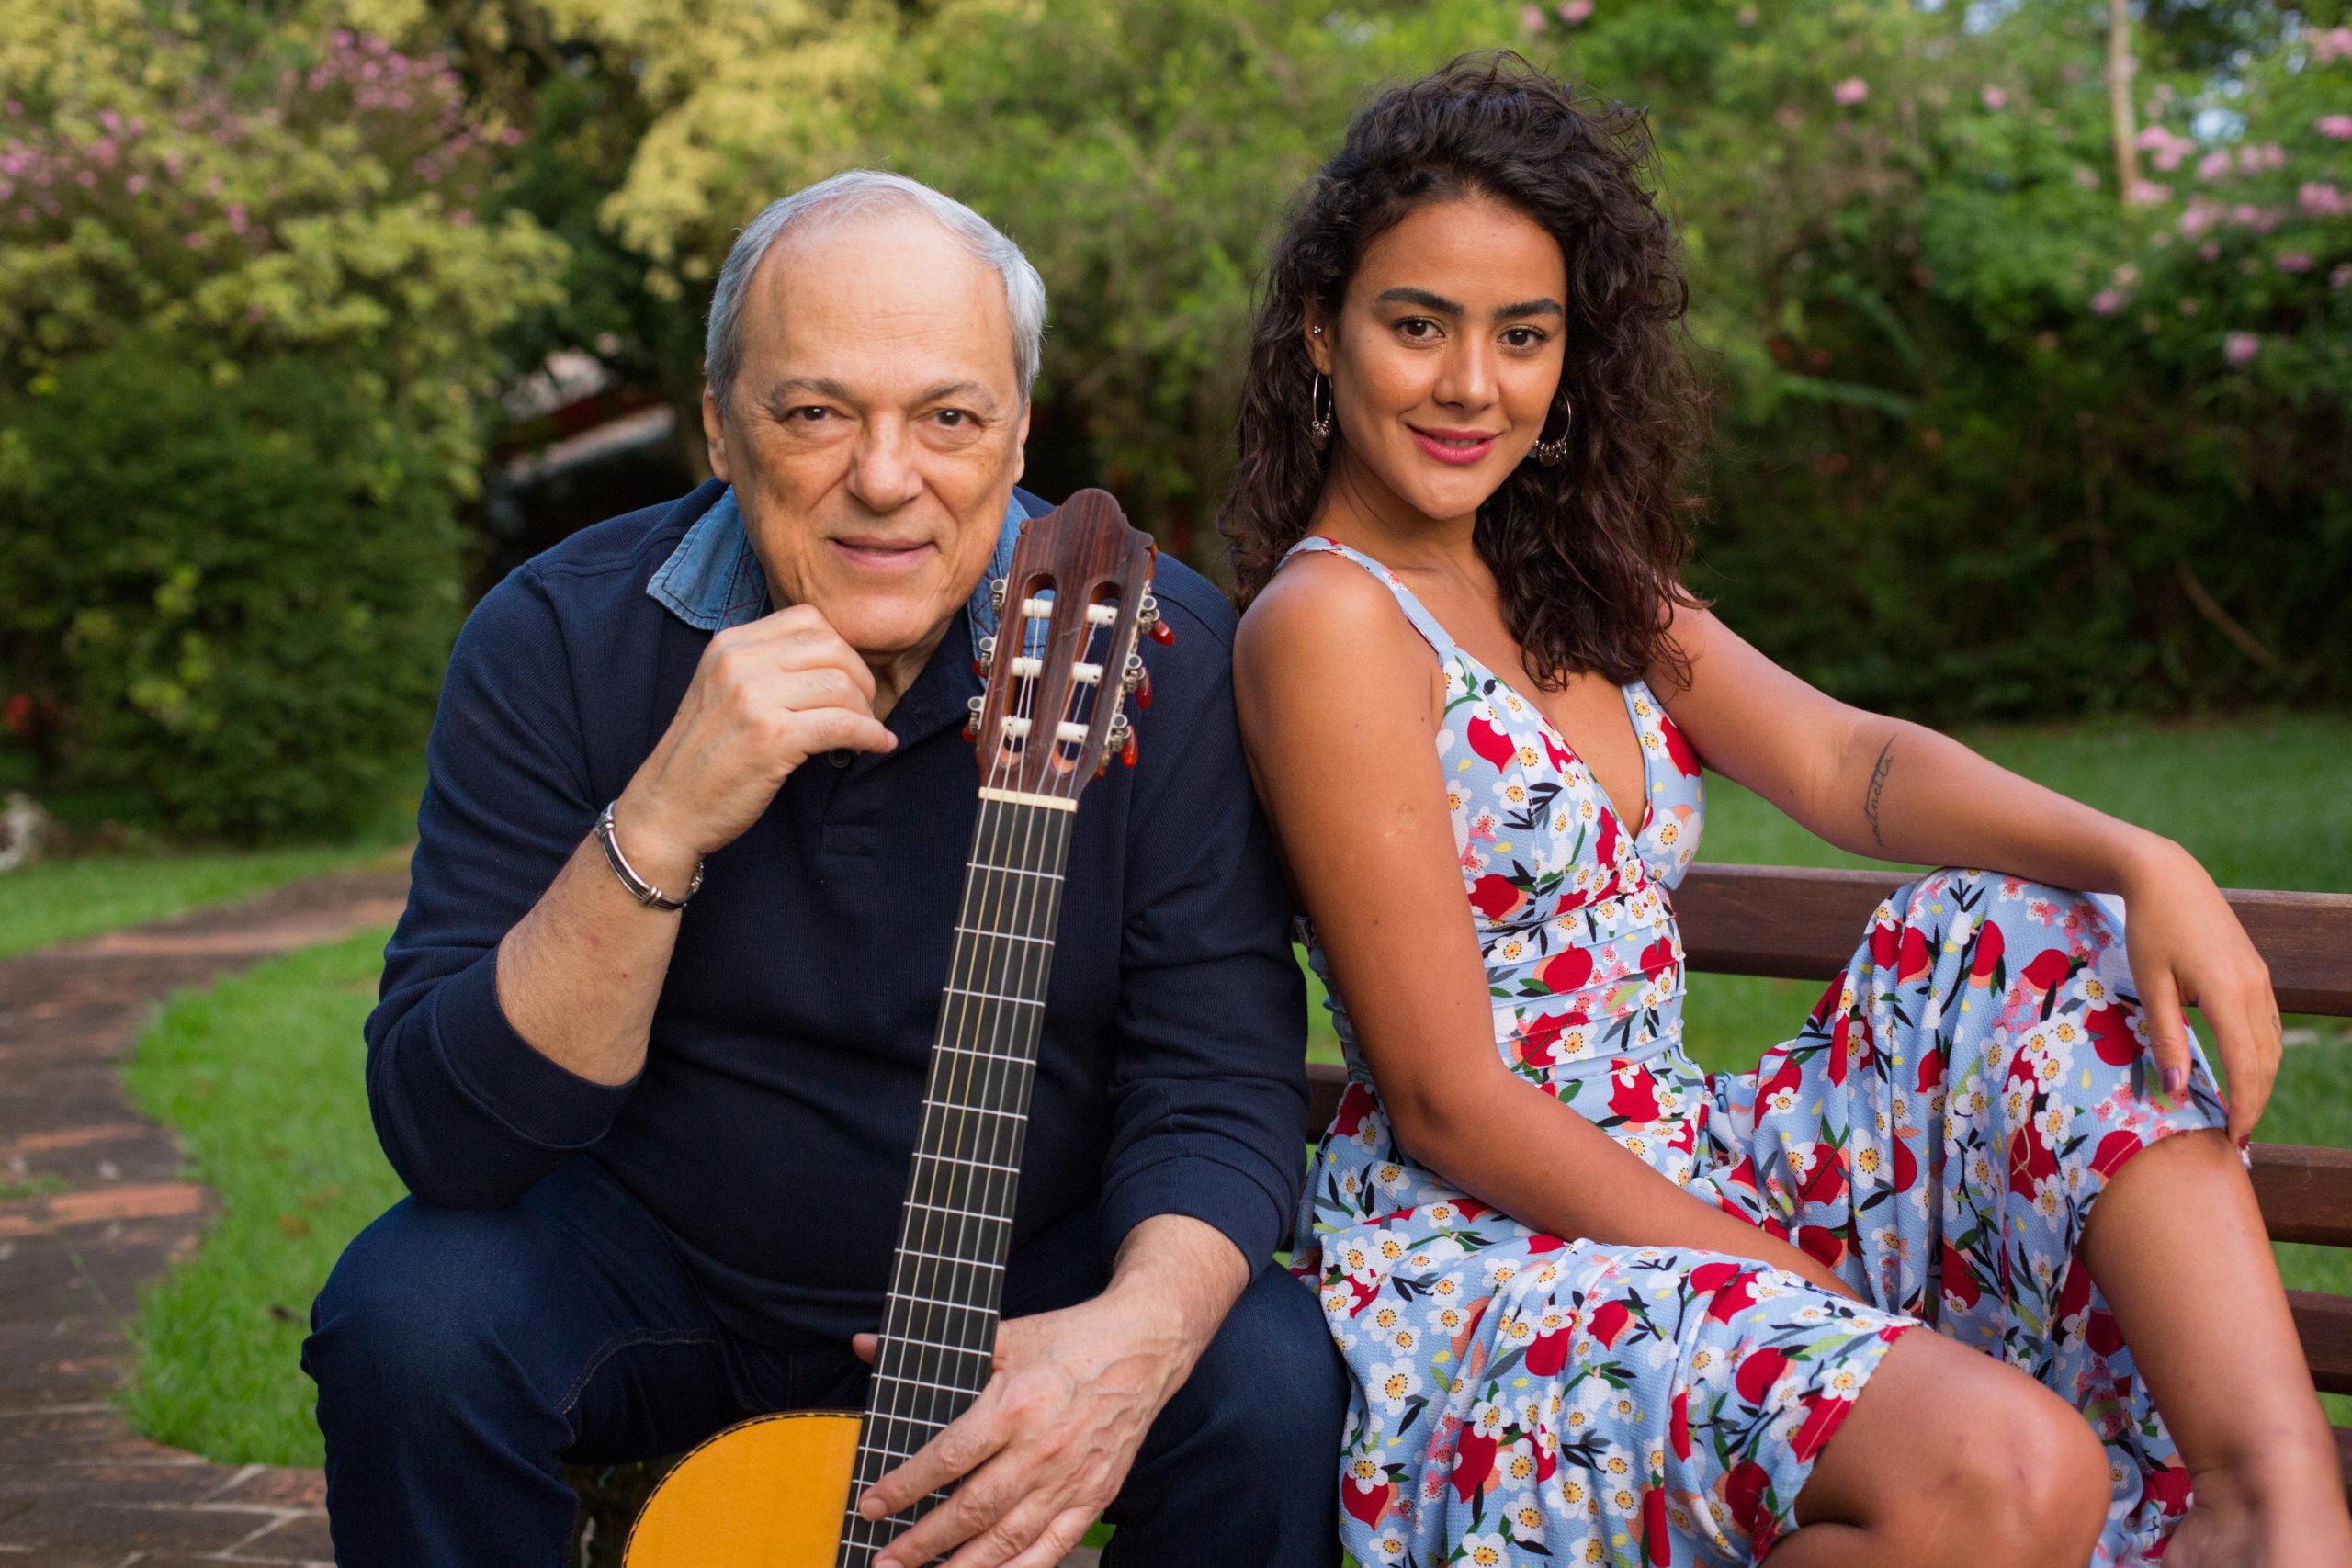 Toquinho e Camilla Faustino. Foto: Divulgação